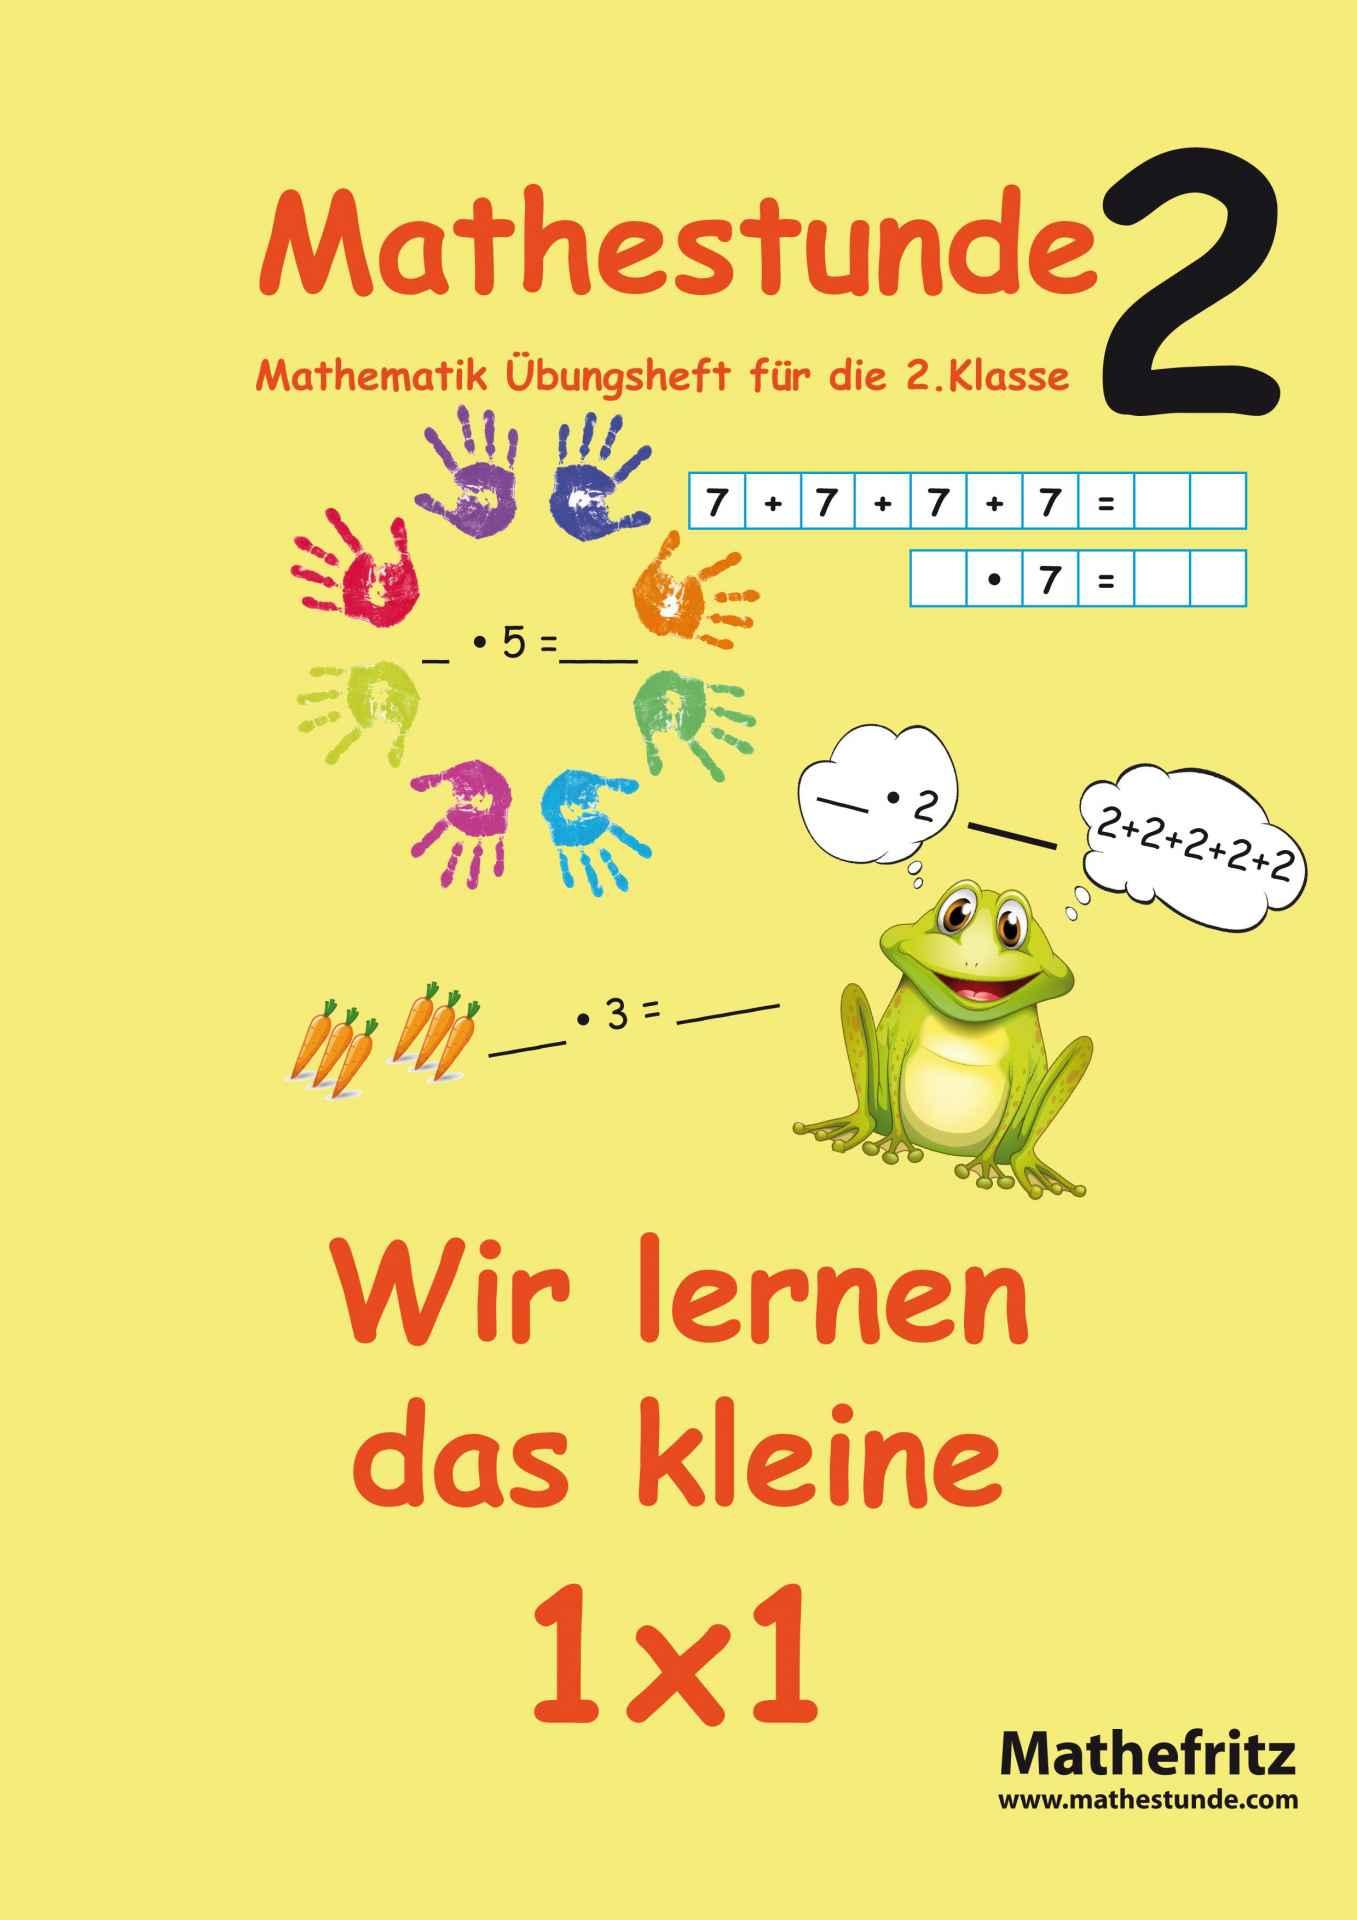 1X1 Aufgaben Einmaleins Übungsblätter Von Mathefritz bestimmt für Das Kleine Einmaleins Arbeitsblätter